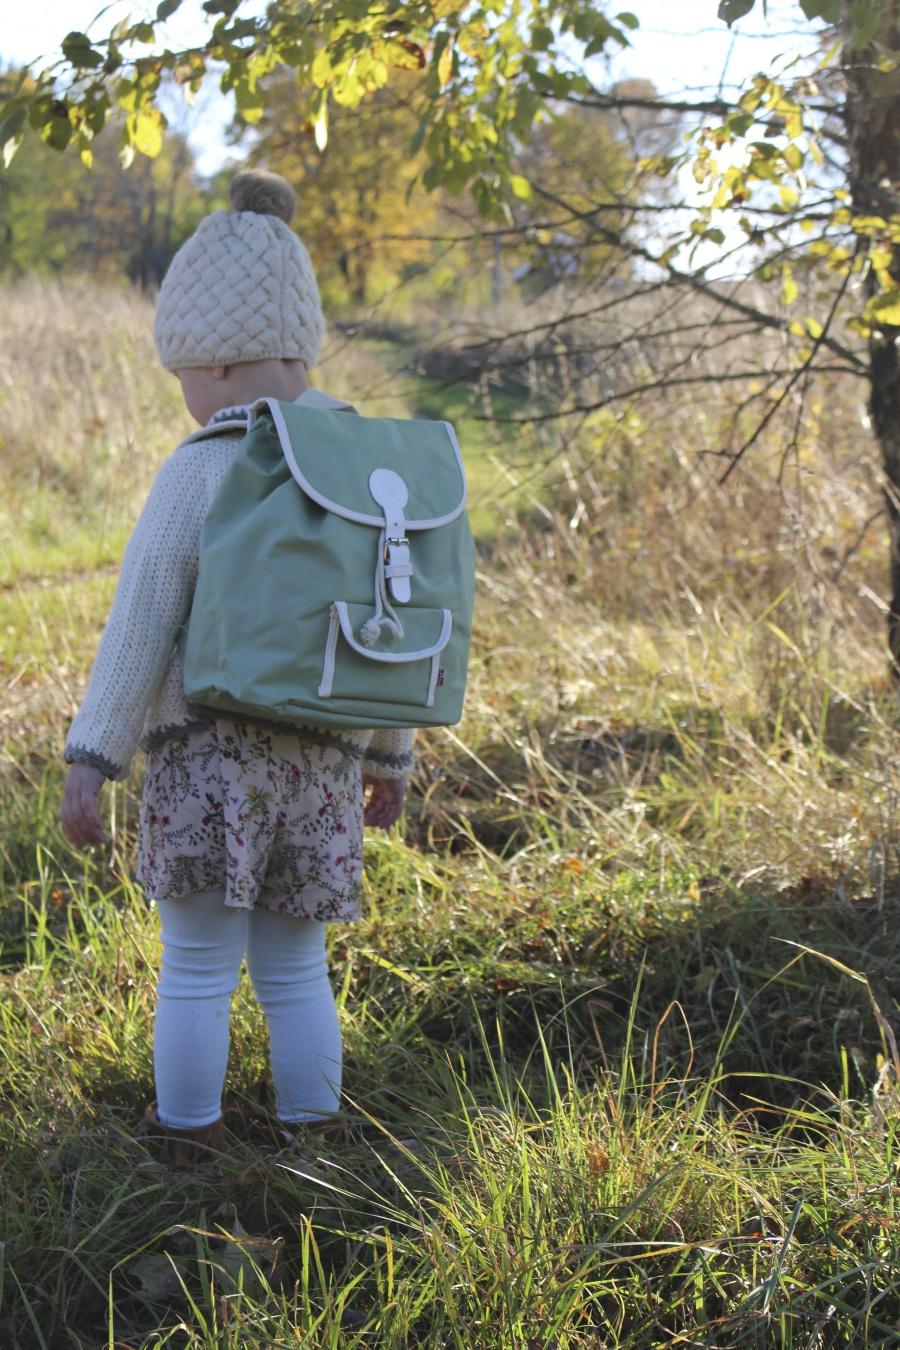 Både ryggsäck och rosenknopp. Som snällt stod ut med en liten fotosession.  Tills hon ledsnade och drog iväg haha. 1c521d35497af